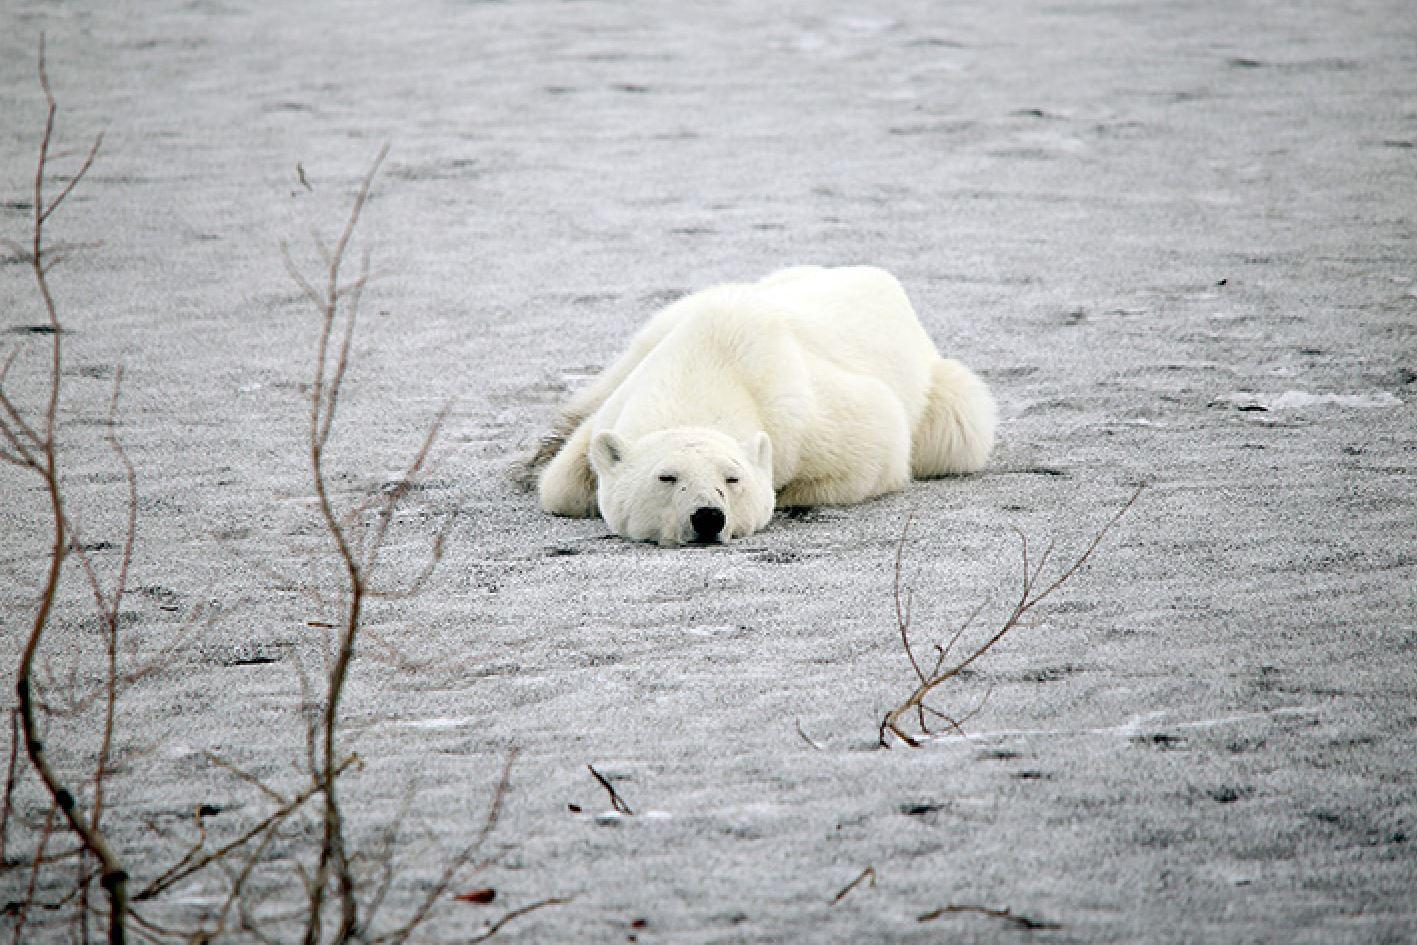 Oso polar es hallado en una ciudad y enciende alertas ambientales